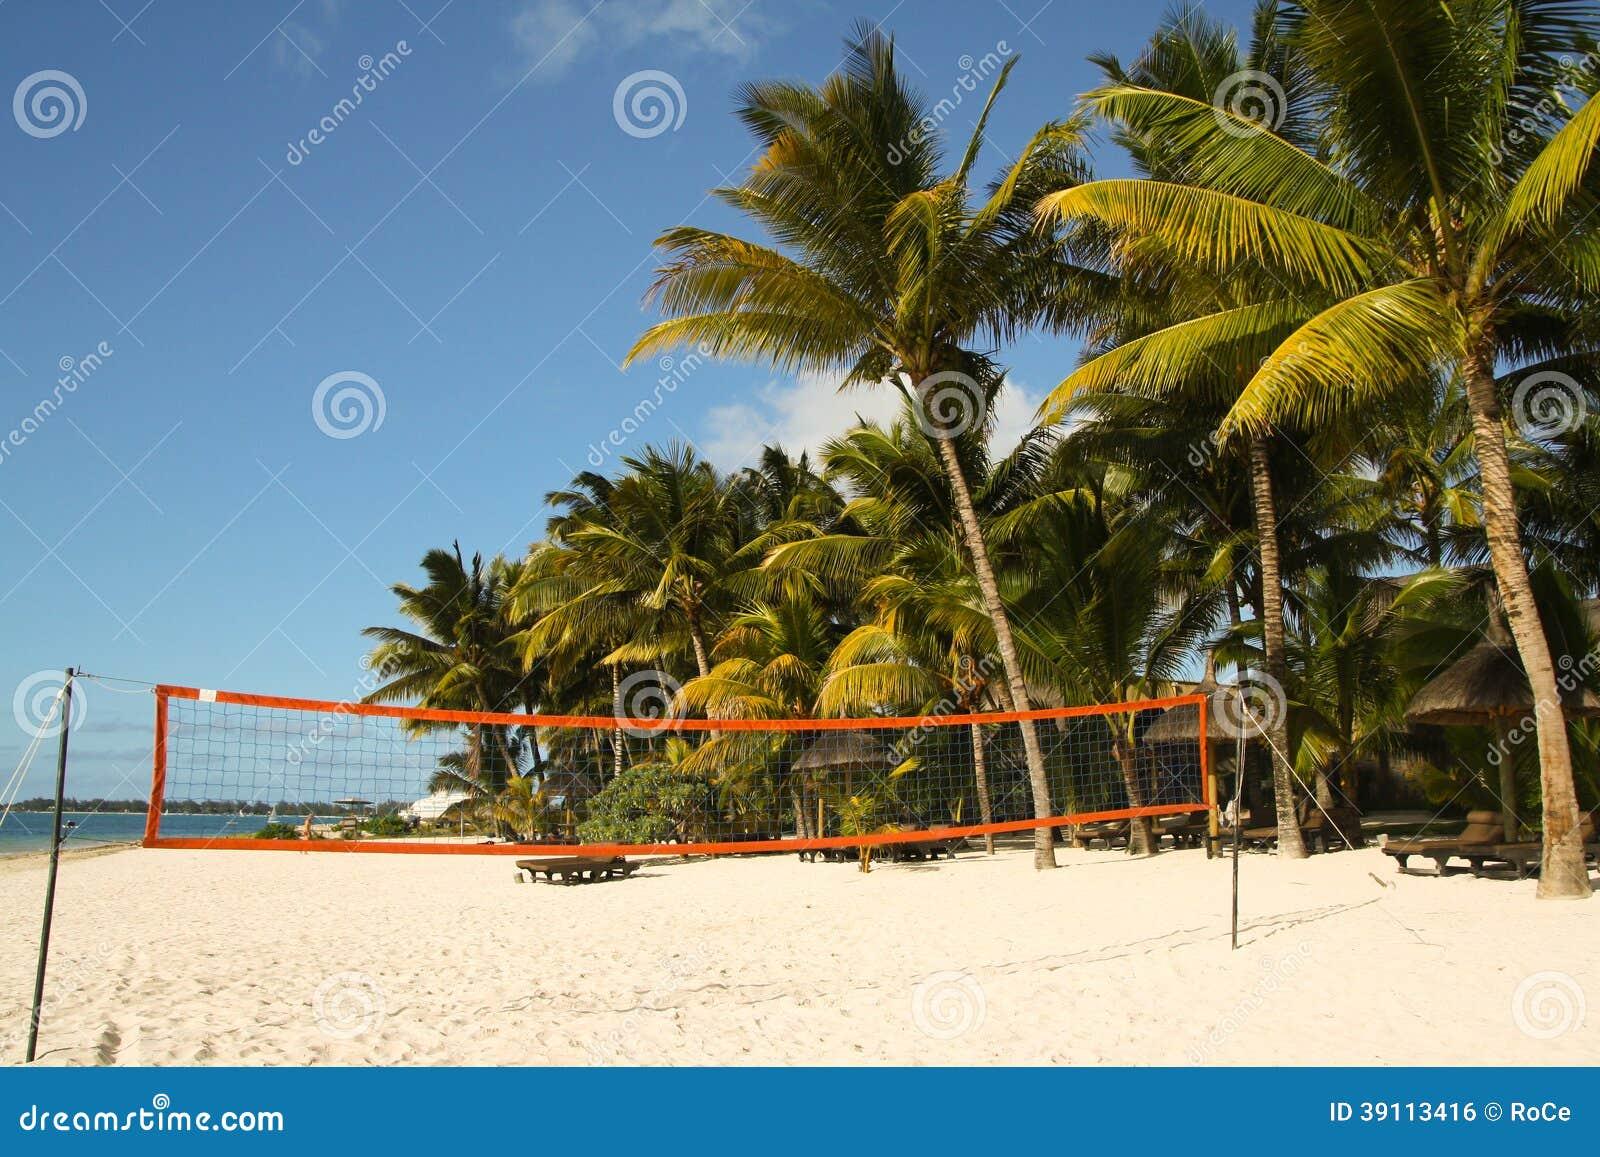 Volleyballhof op het strand